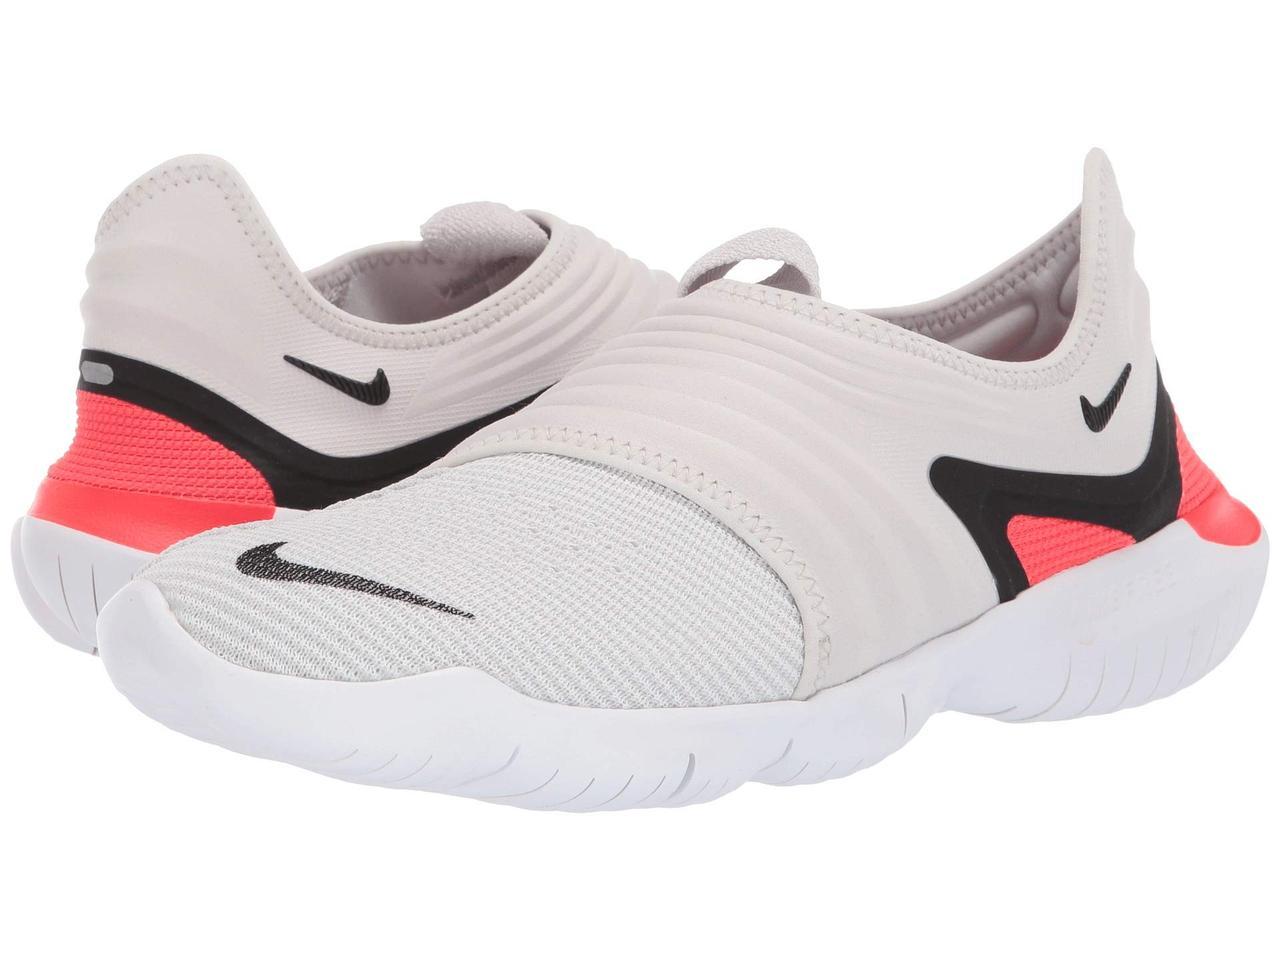 af68d773 Кроссовки/Кеды (Оригинал) Nike Free RN Flyknit 3.0 Vast Grey/Black ...